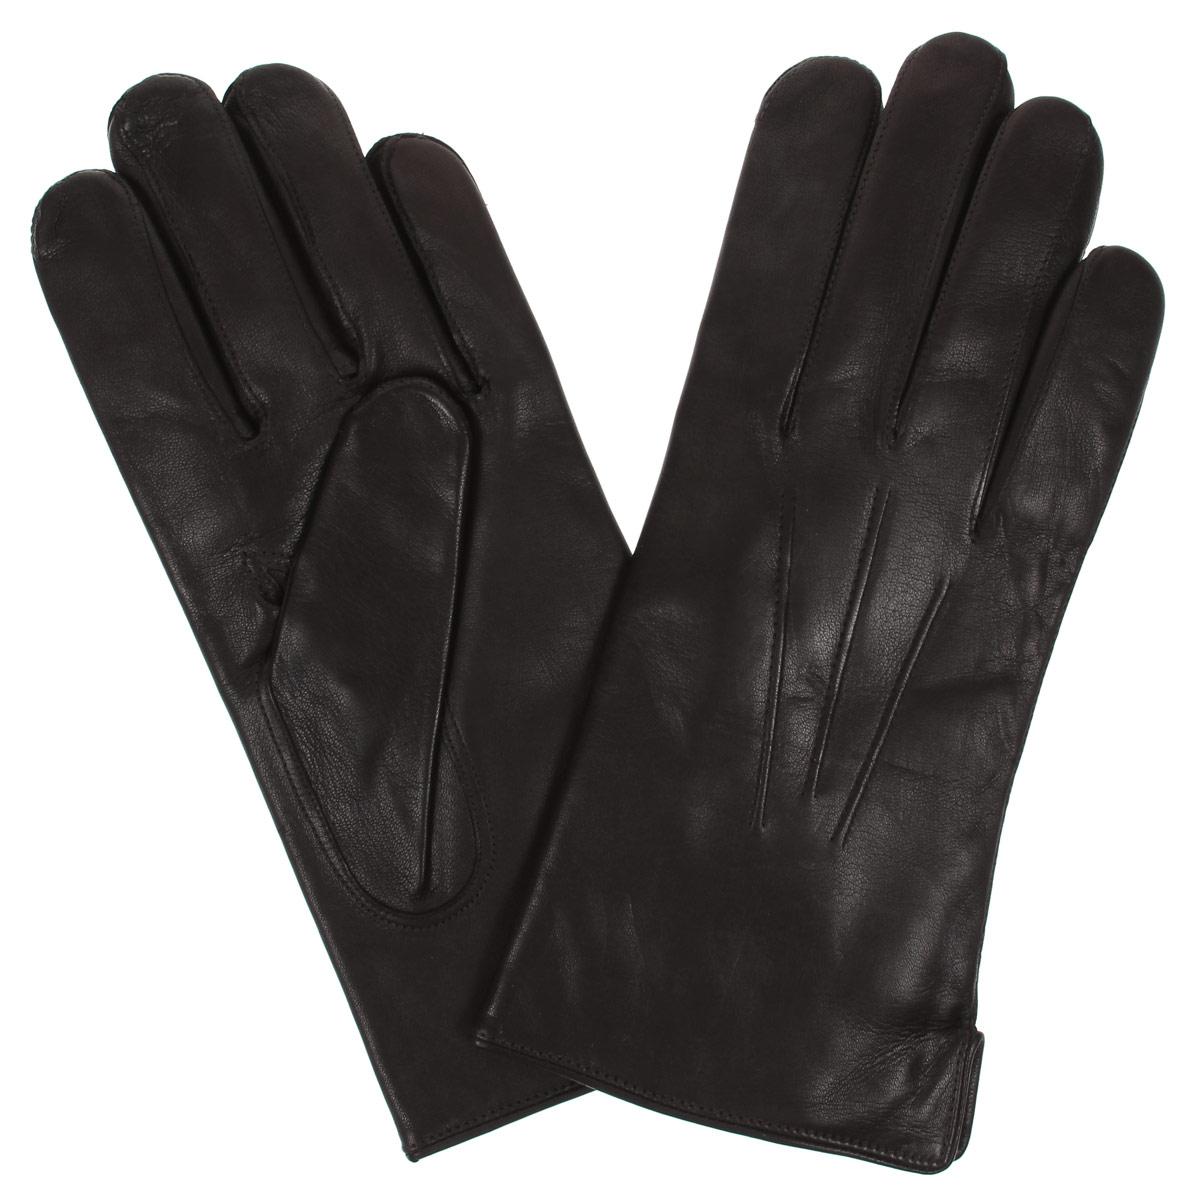 Перчатки мужские Bartoc, цвет: темно-коричневый. DM12-234.mocca. Размер 8,5DM12-234.moccaКлассические мужские перчатки Bartoc не только защитят ваши руки, но и станут великолепным украшением. Они выполнены из мягкой и приятной на ощупь натуральной кожи ягненка, а их подкладка - из натуральной шерсти. На внешнем боку перчатки имеется небольшой разрез. Модель на лицевой стороне оформлена декоративной отстрочкой три луча. Перчатки прекрасно дополнят образ любого мужчины и сделают его более стильным, придав тонкую нотку брутальности. Создайте элегантный образ и подчеркните свою яркую индивидуальность новым аксессуаром!